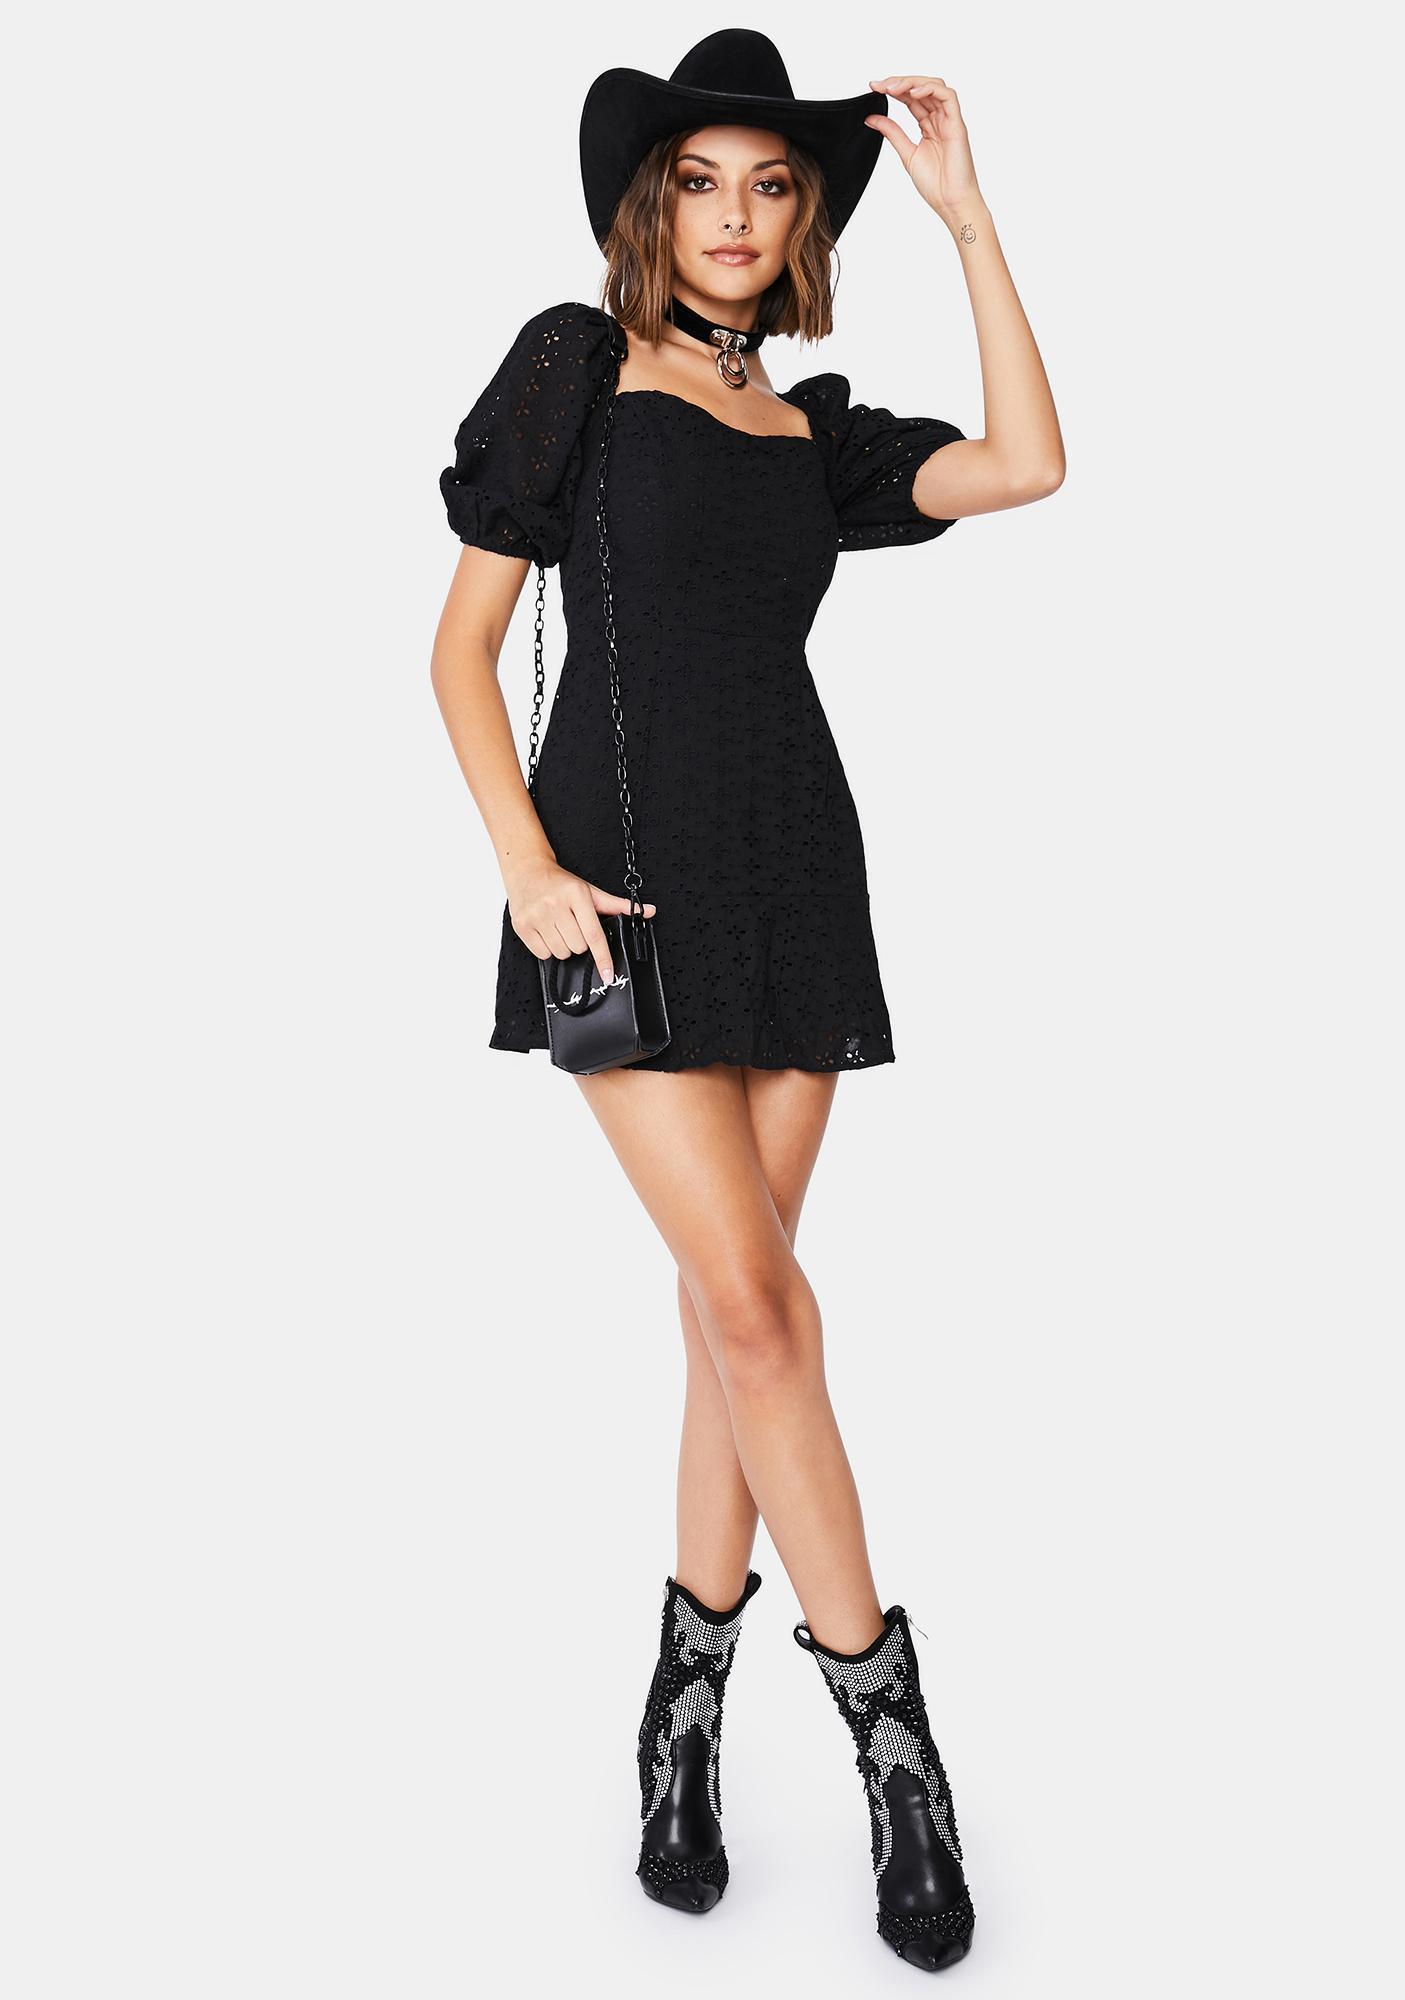 My Super Sweet Mini Dress